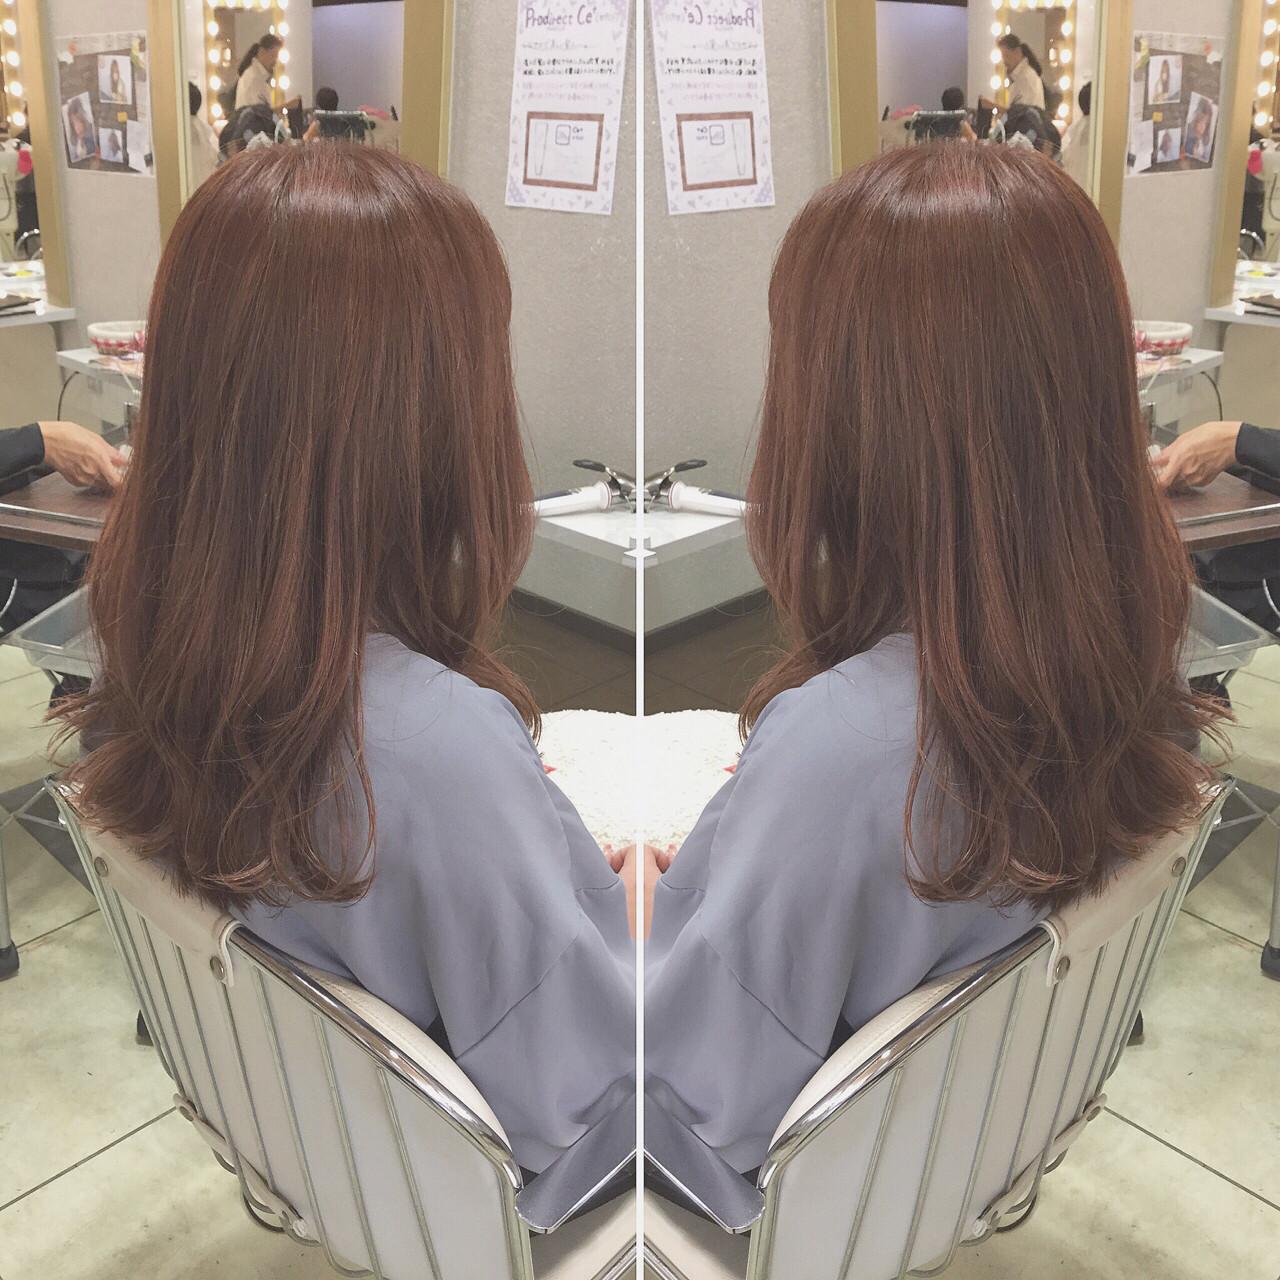 ゆるふわ ピンク 大人かわいい ハイライト ヘアスタイルや髪型の写真・画像